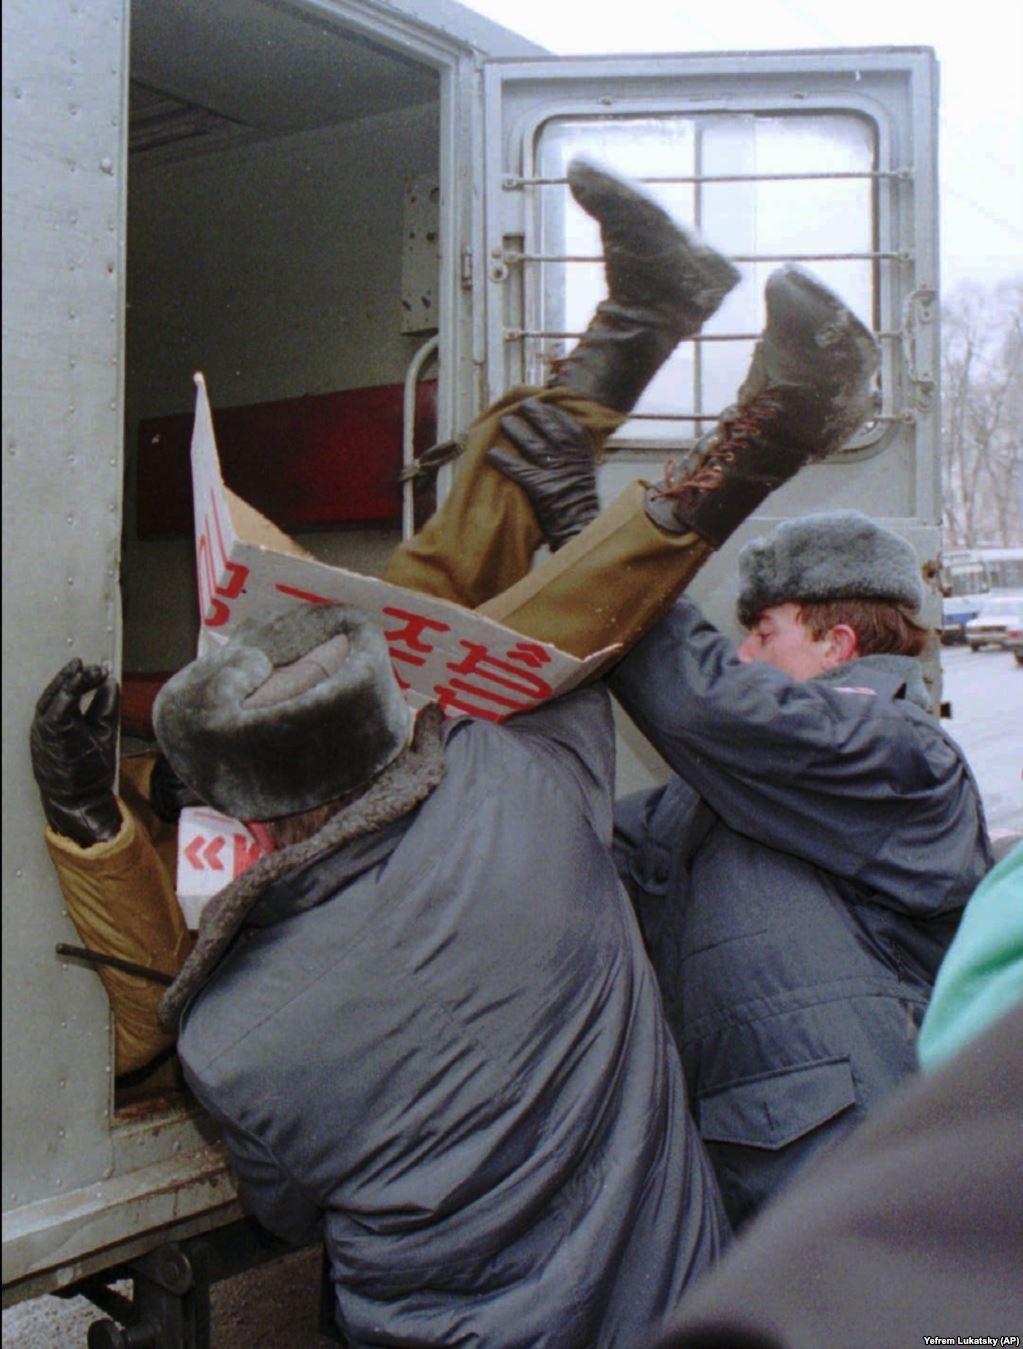 Міліція затримує учасника акції протесту в Києві 12 січня 1996 року. Кілька членів українського парламенту організували протест проти договору про без'ядерний статус України. У той час, коли міліціонери запихають його в міліцейський фургон, він тримає плакат із вимогою відставки тодішнього міністра оборони України Валерія Шмарова